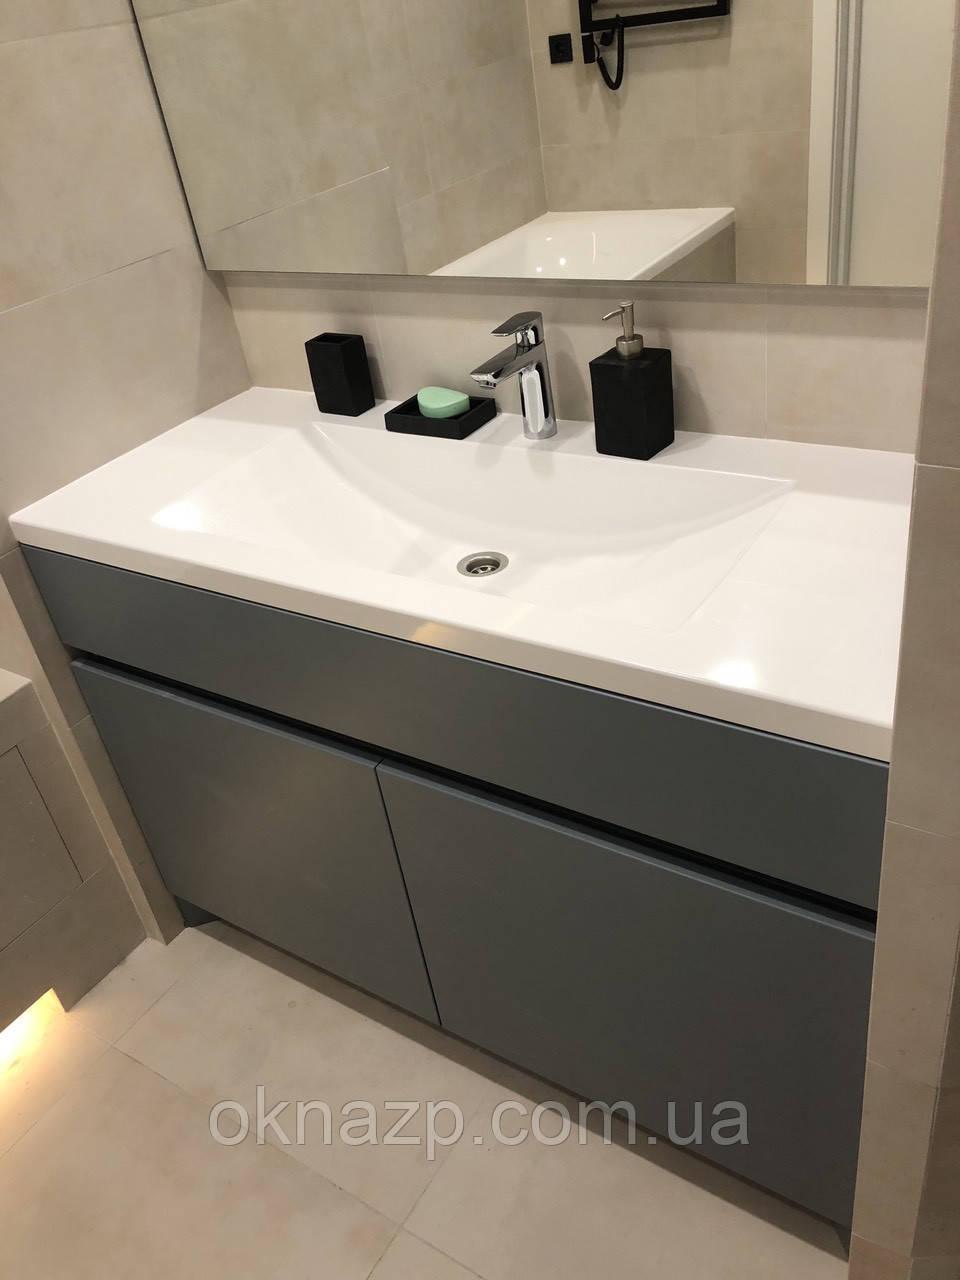 Стільниця з умивальником у ванну (литий умивальник +2700грн./шт. додатково)